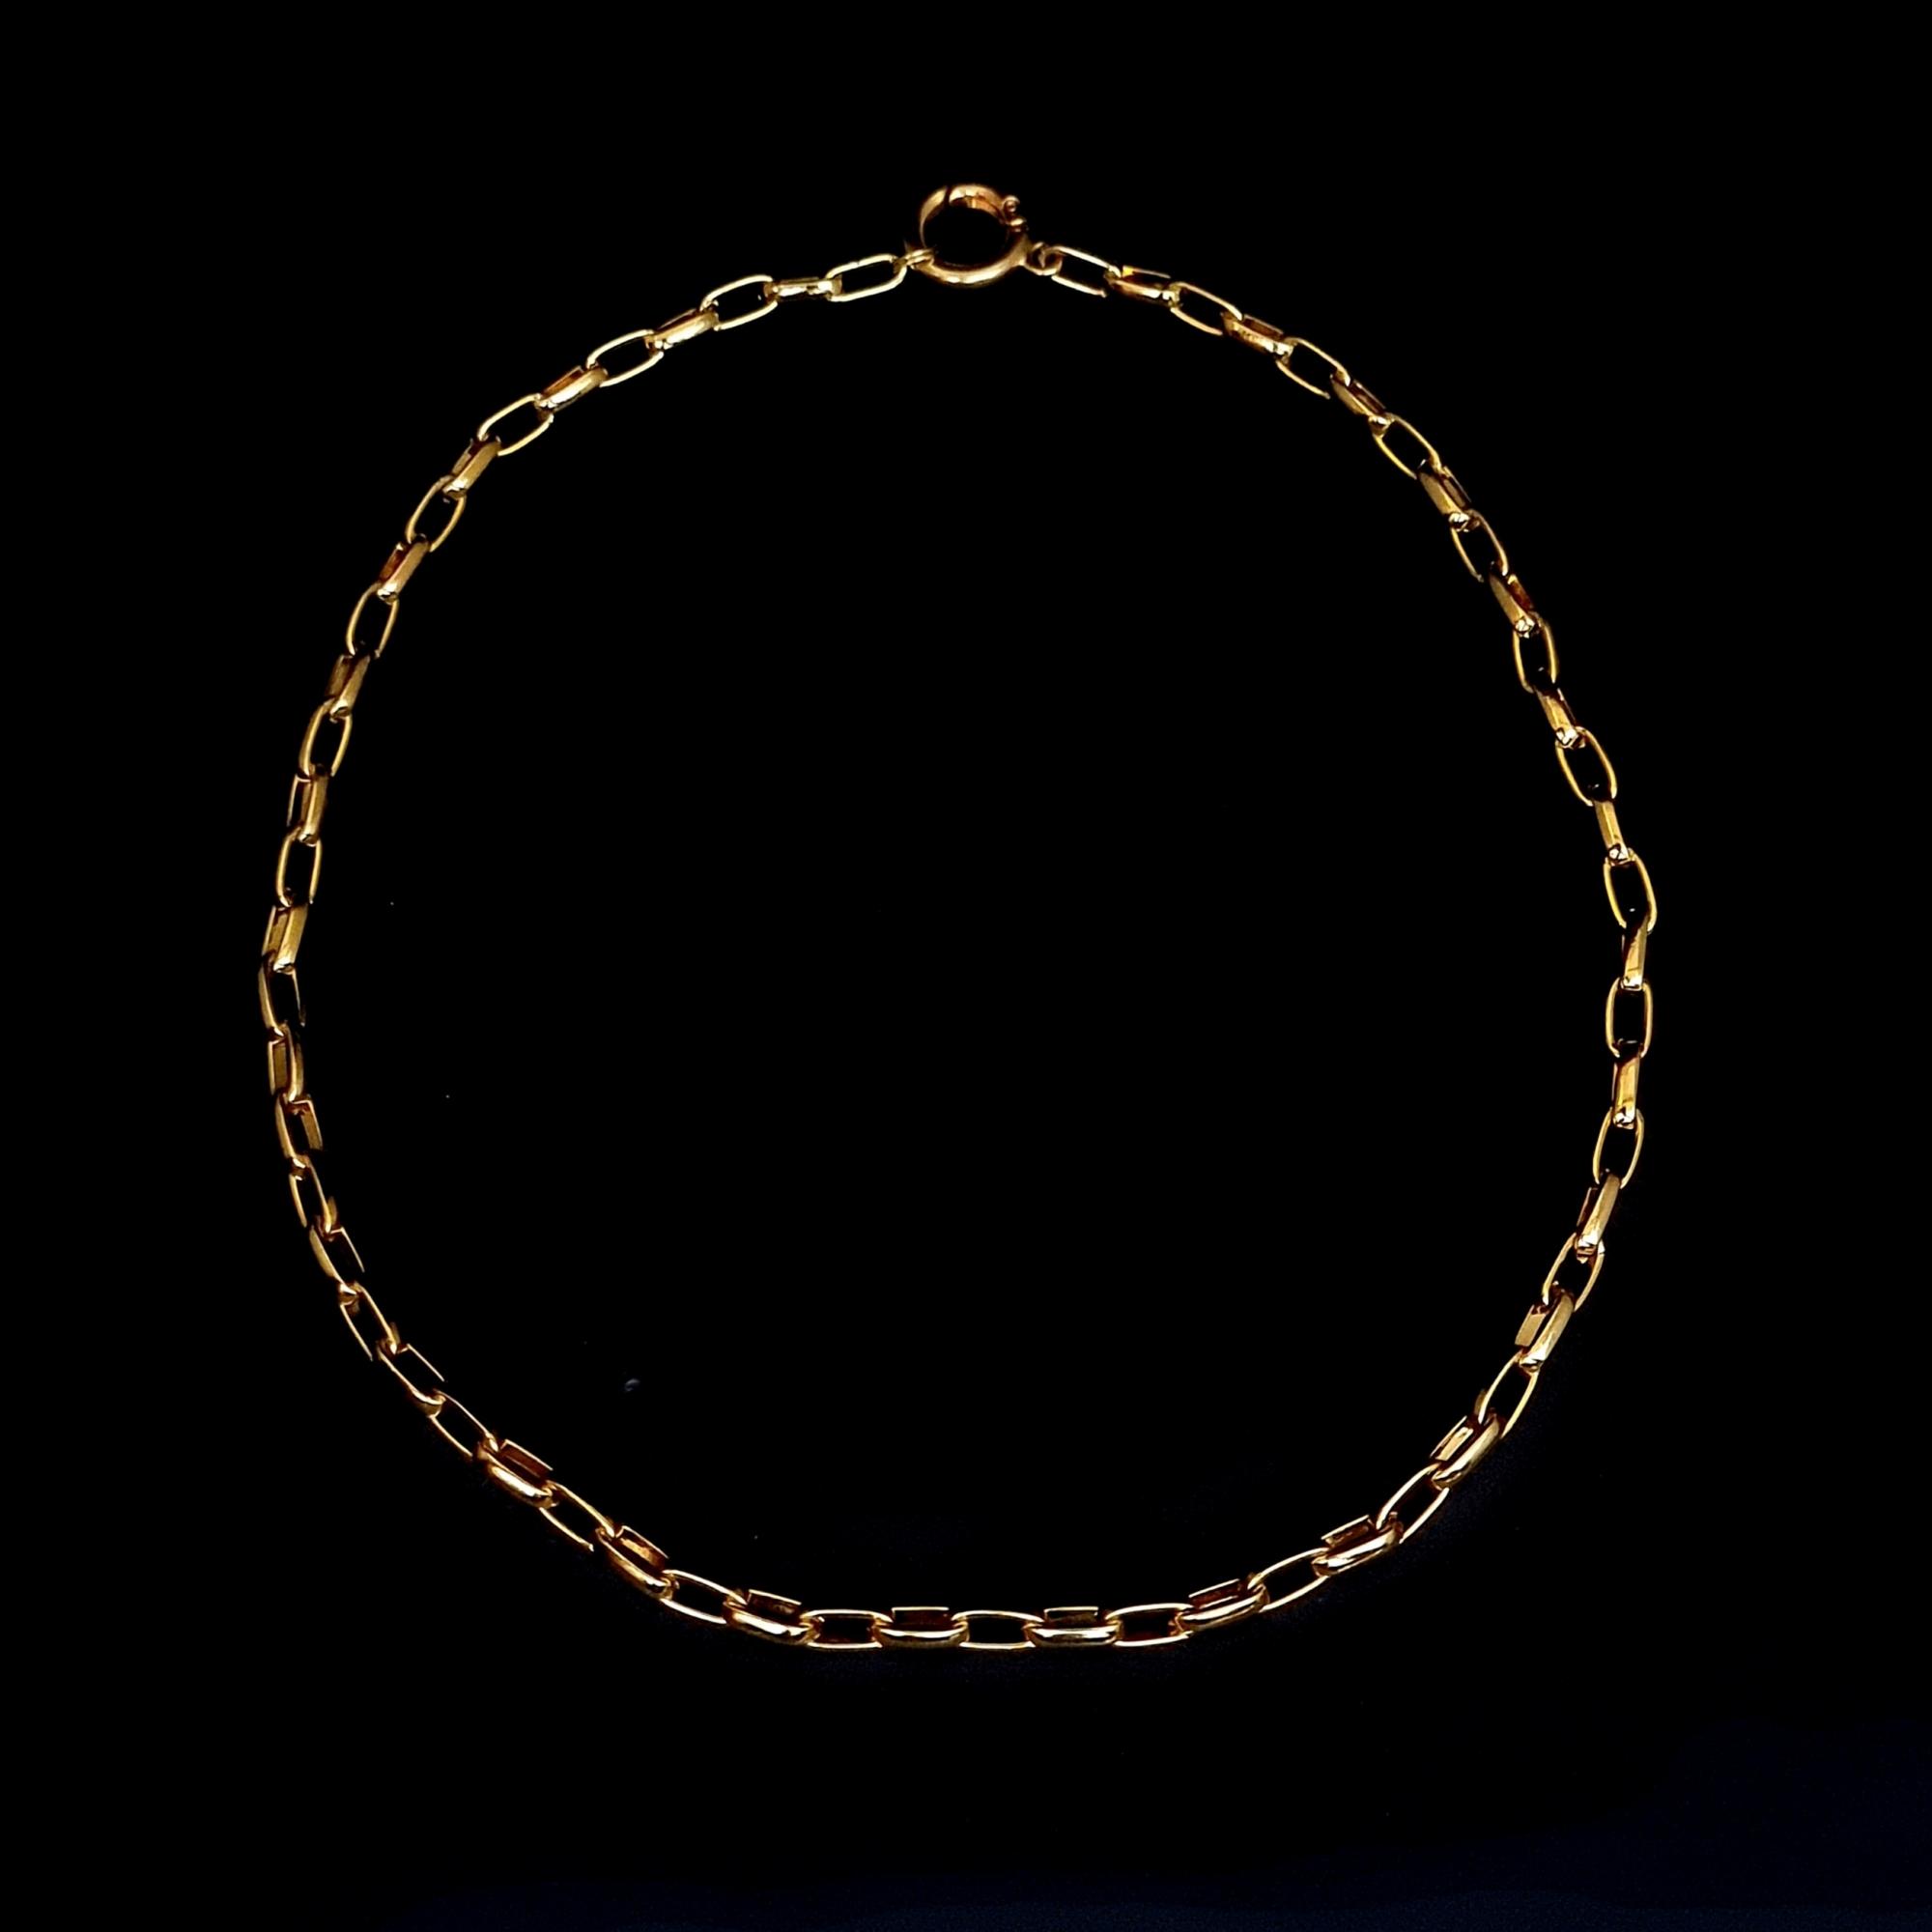 Corrente Aço Inox Elíptica Gold